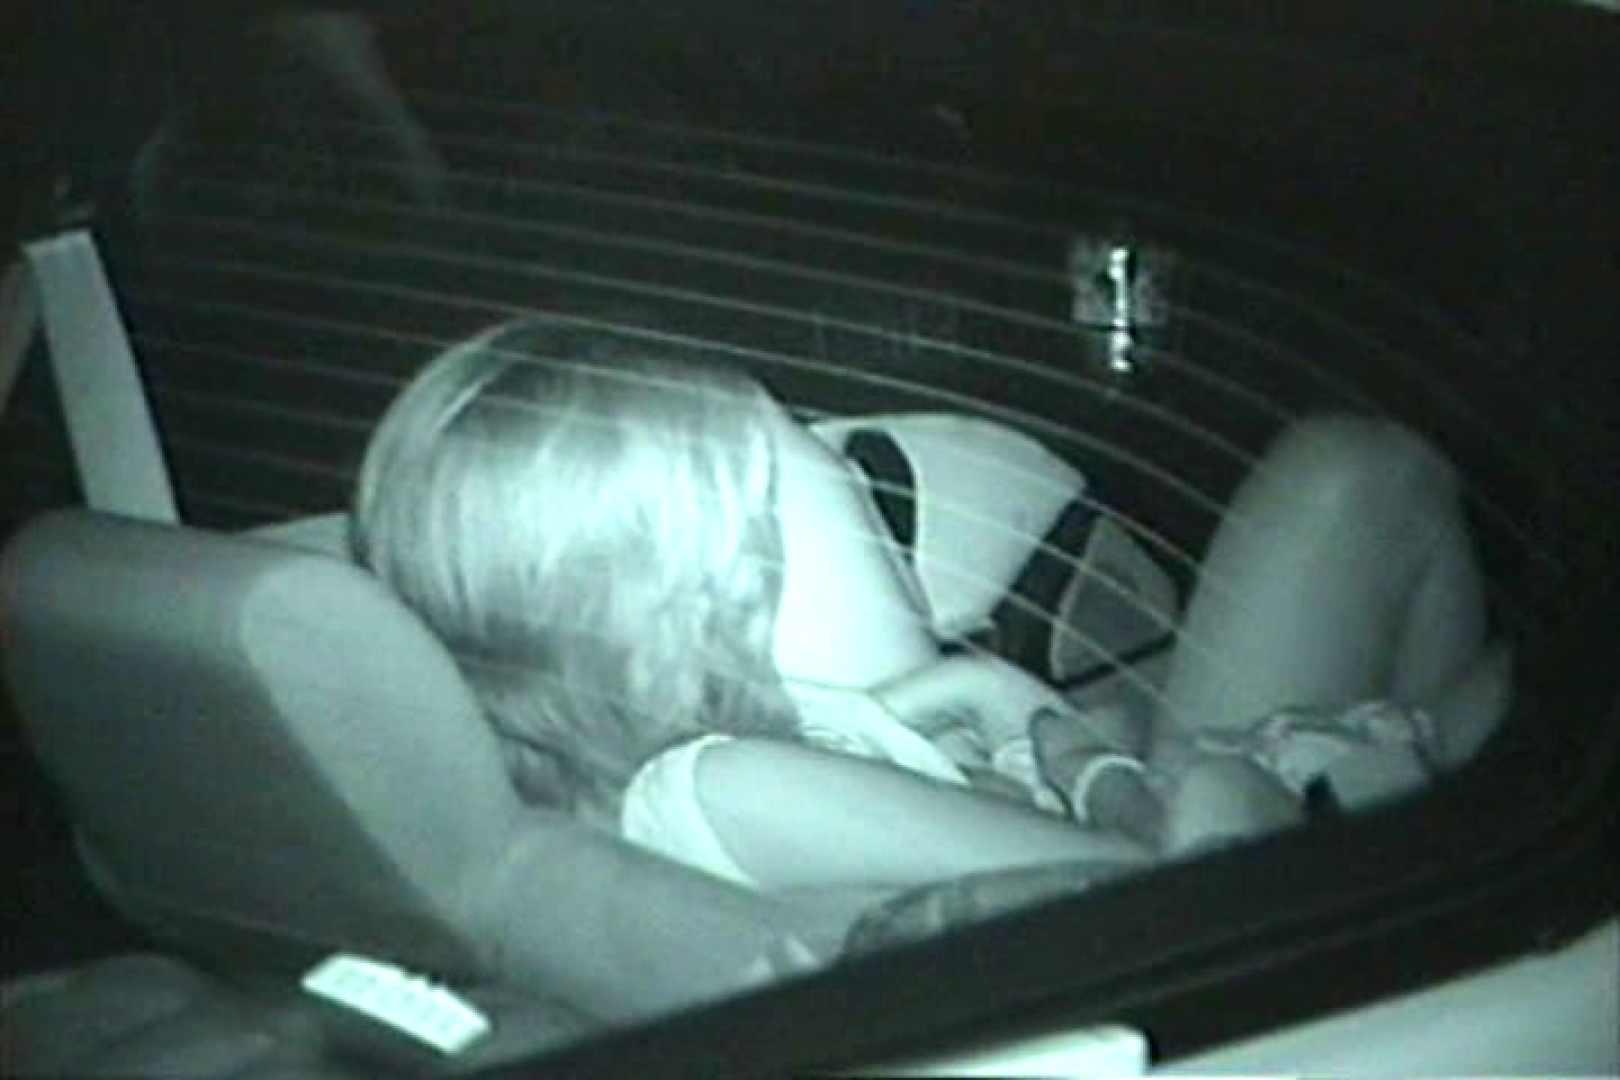 車の中はラブホテル 無修正版  Vol.23 カップル覗き オマンコ動画キャプチャ 29枚